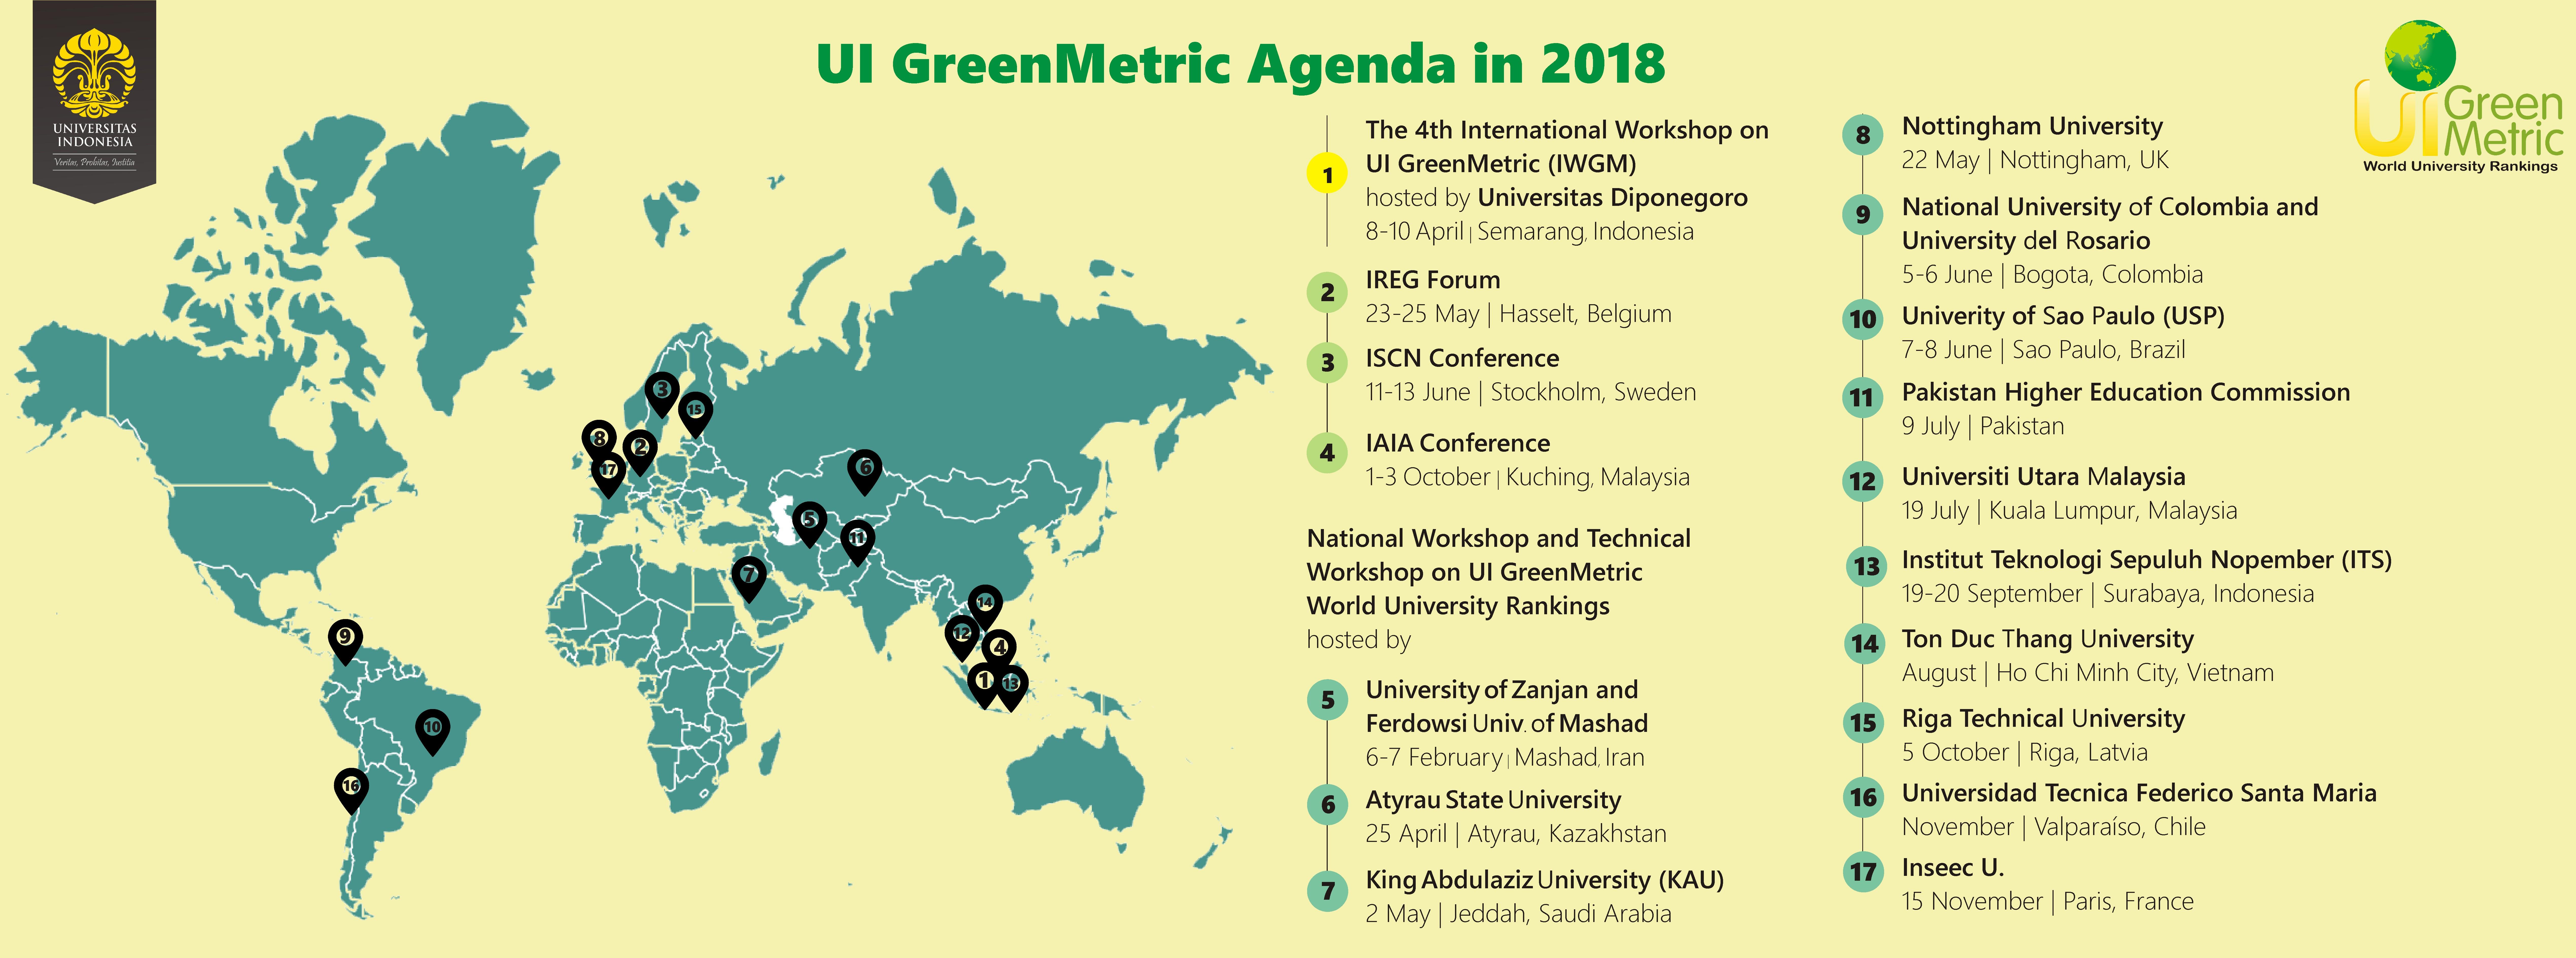 MAP-Agenda-9